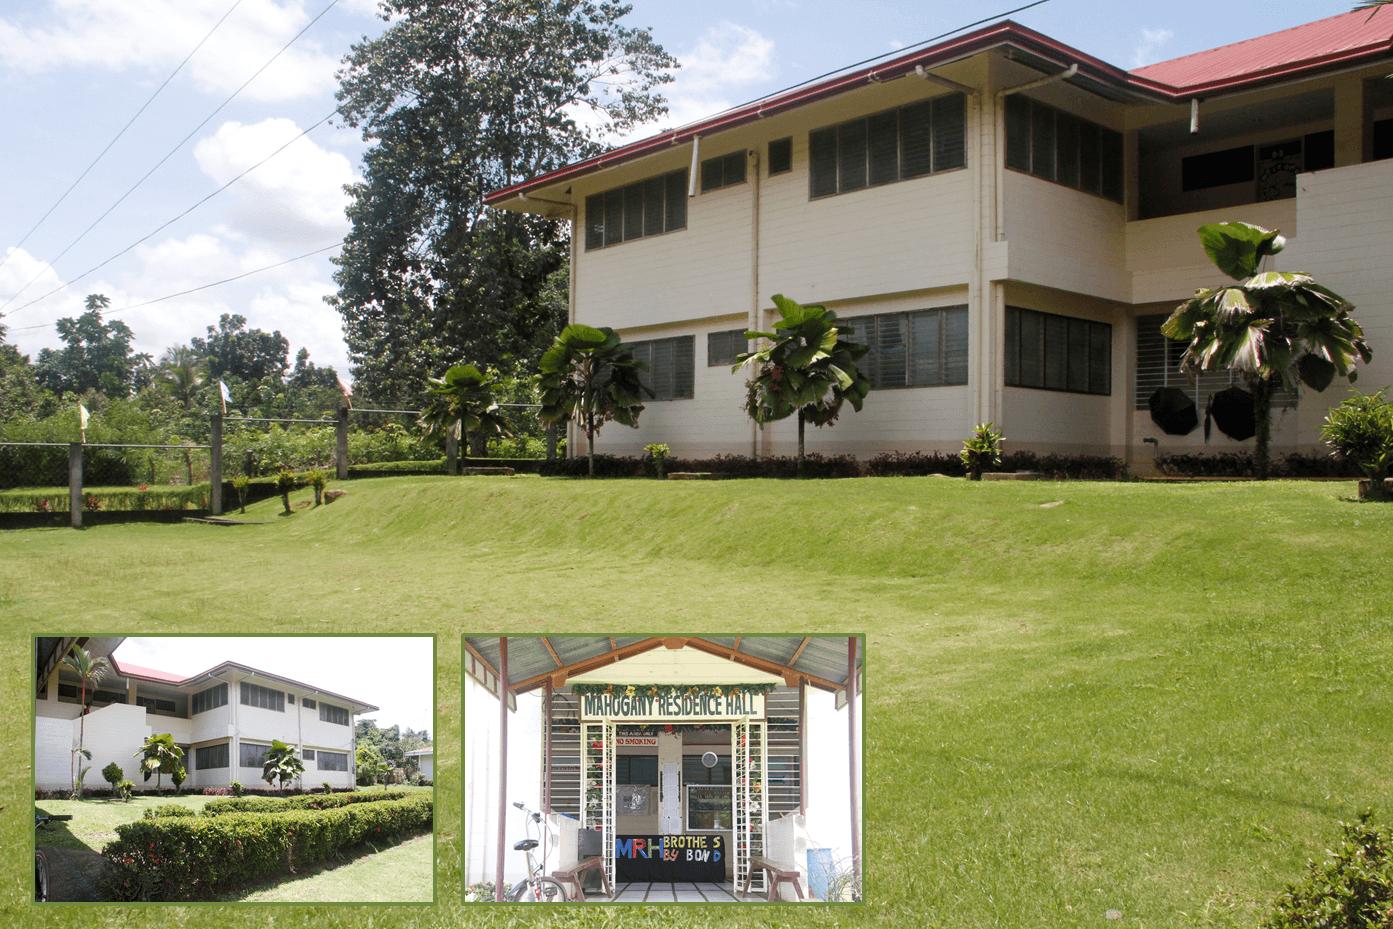 Mahogany Residence Hall